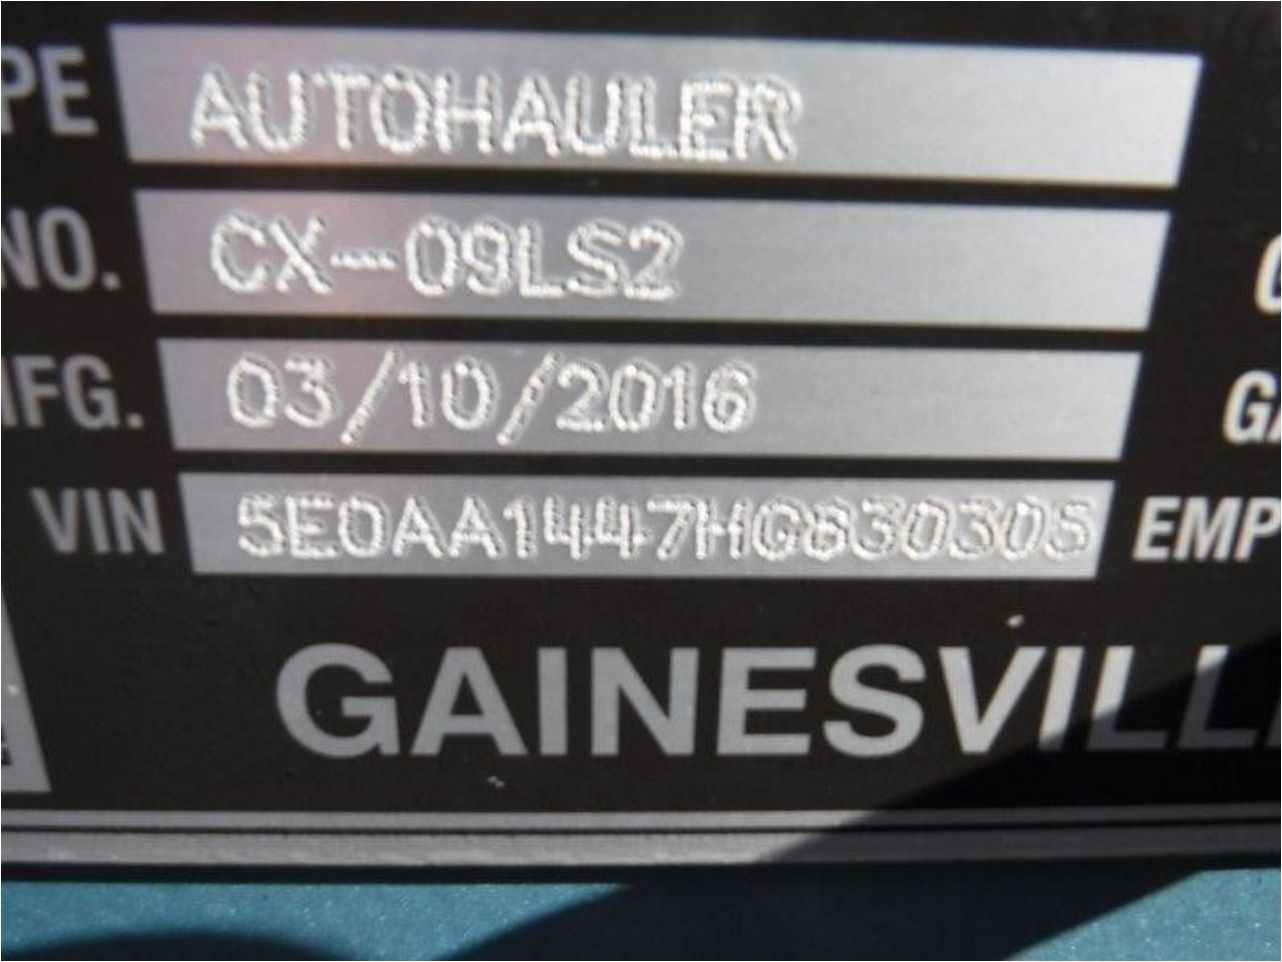 2017 COTTRELL CX-09LS2